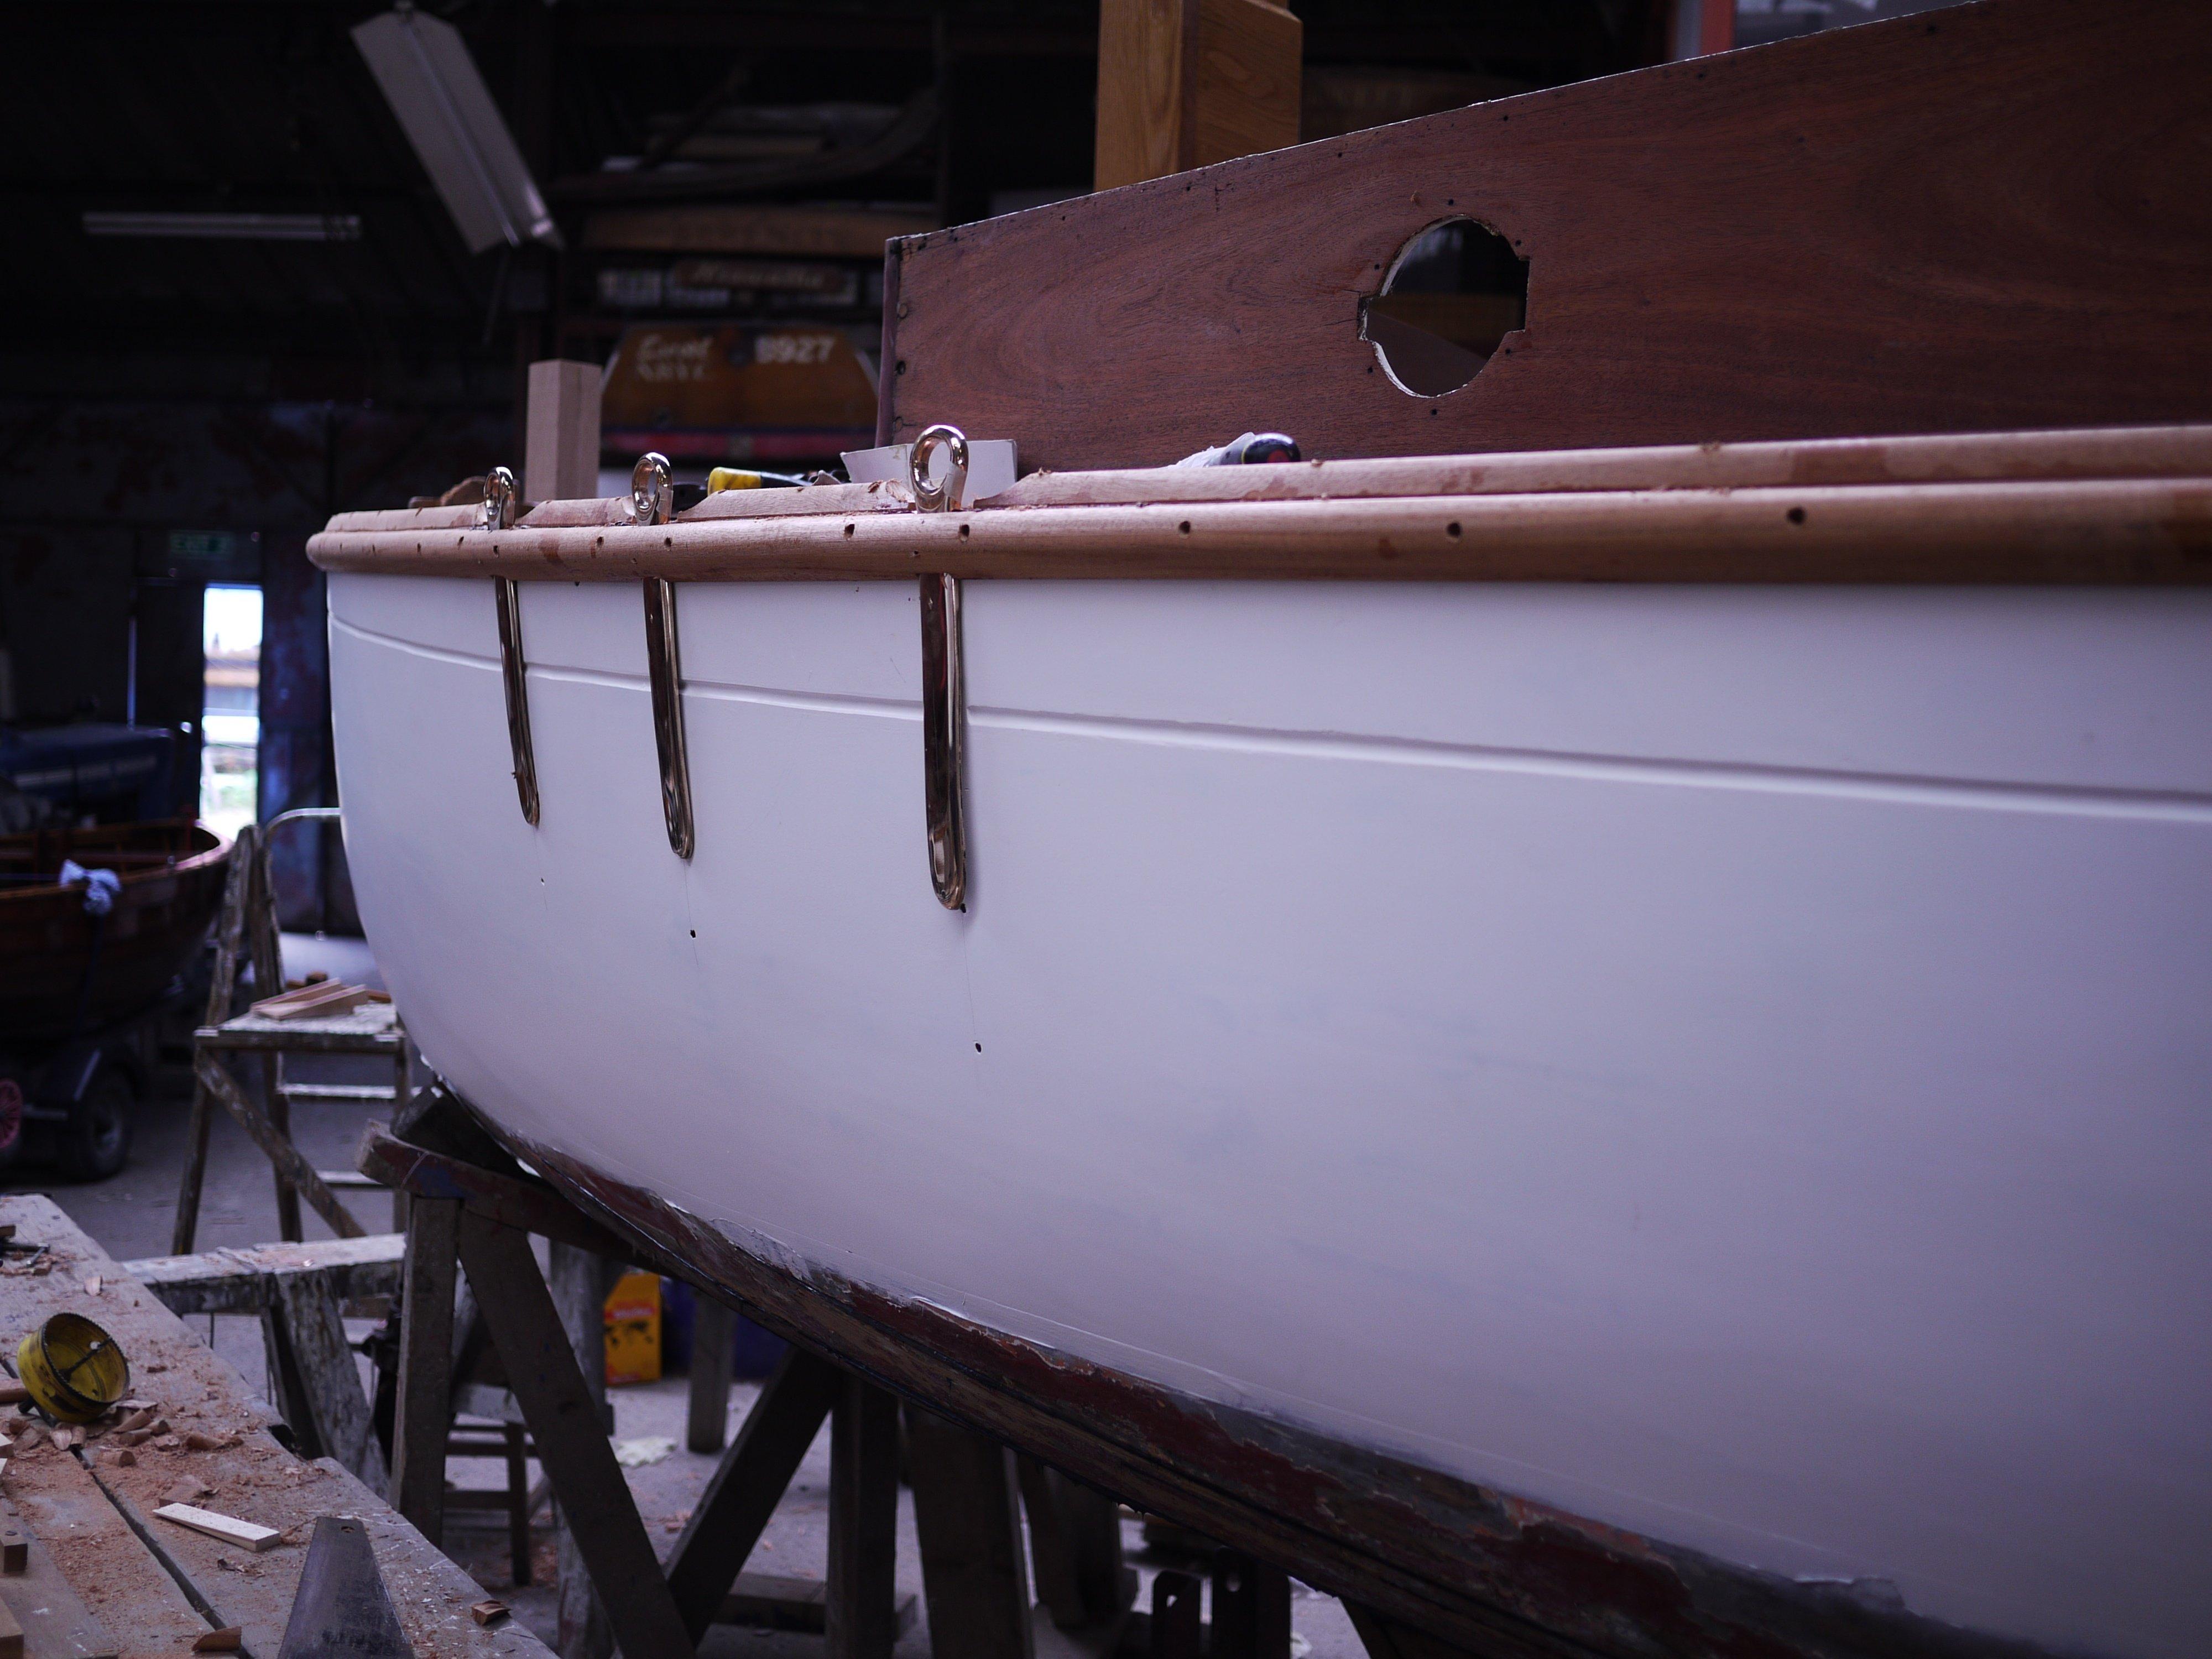 Norfolk 14ft One Design Dinghy